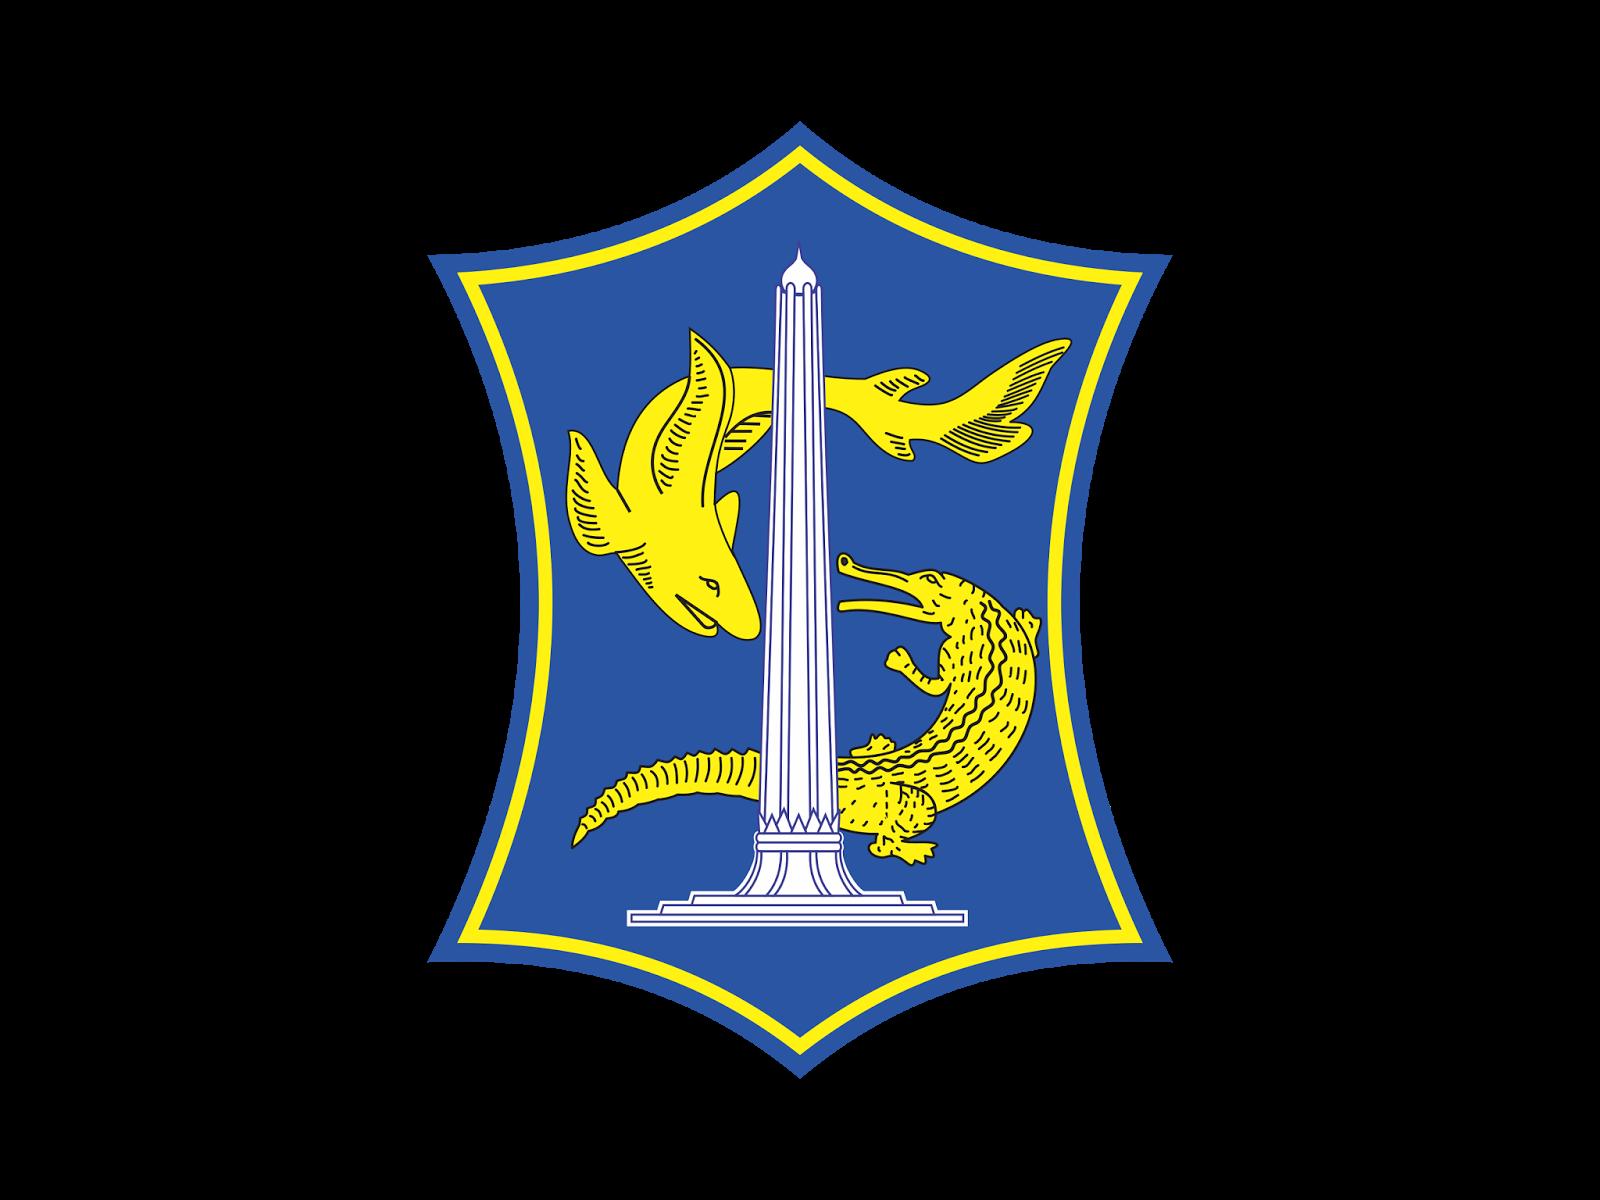 Logo Kota Surabaya Format Cdr Png Hd Gudril Tempat Gambar